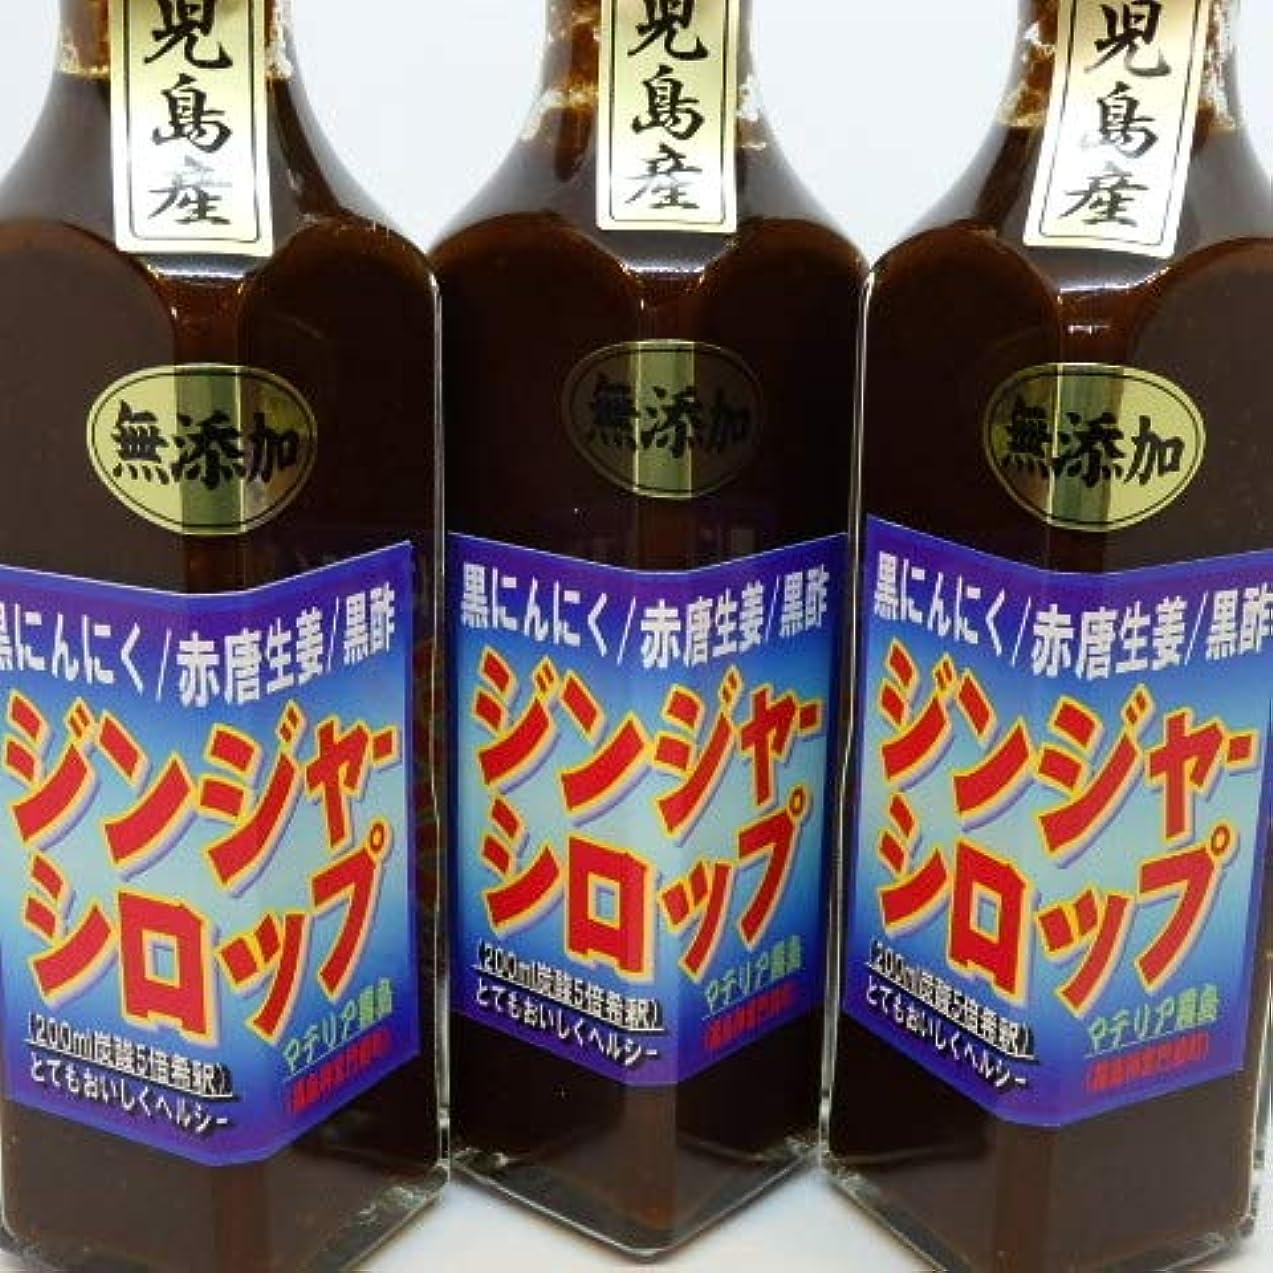 メカニック輝く記念品無添加健康食品/黒酢黒ジンジャ-/無添加/200ml×3組90日分¥10,800